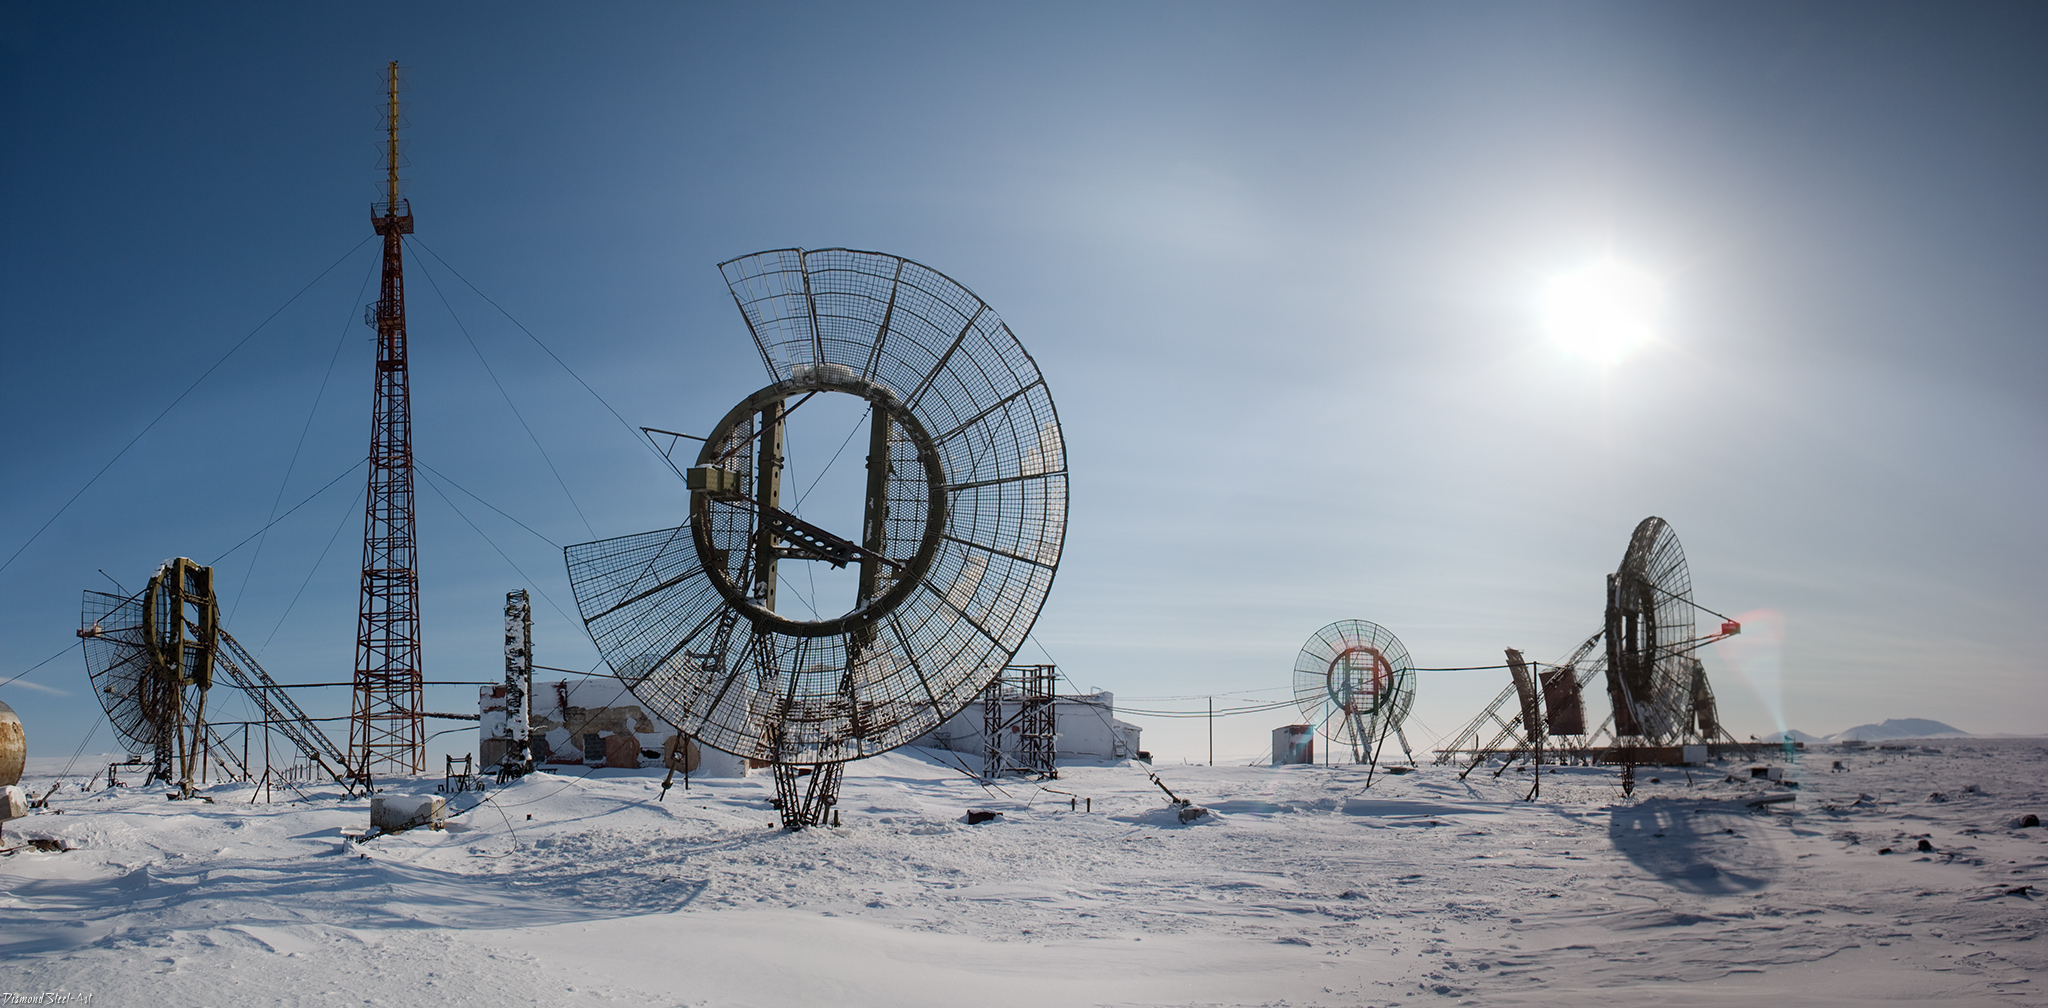 Заброшенная тропосферная станция под Анадырем